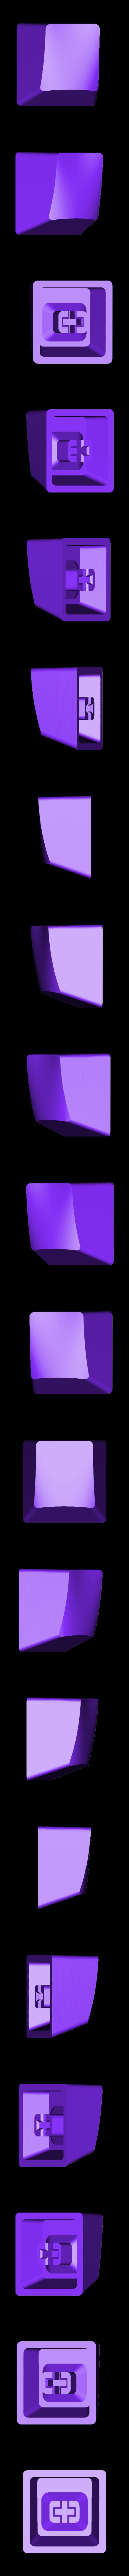 banana_key.stl Télécharger fichier STL gratuit Capsules mathématiques • Objet à imprimer en 3D, rsheldiii